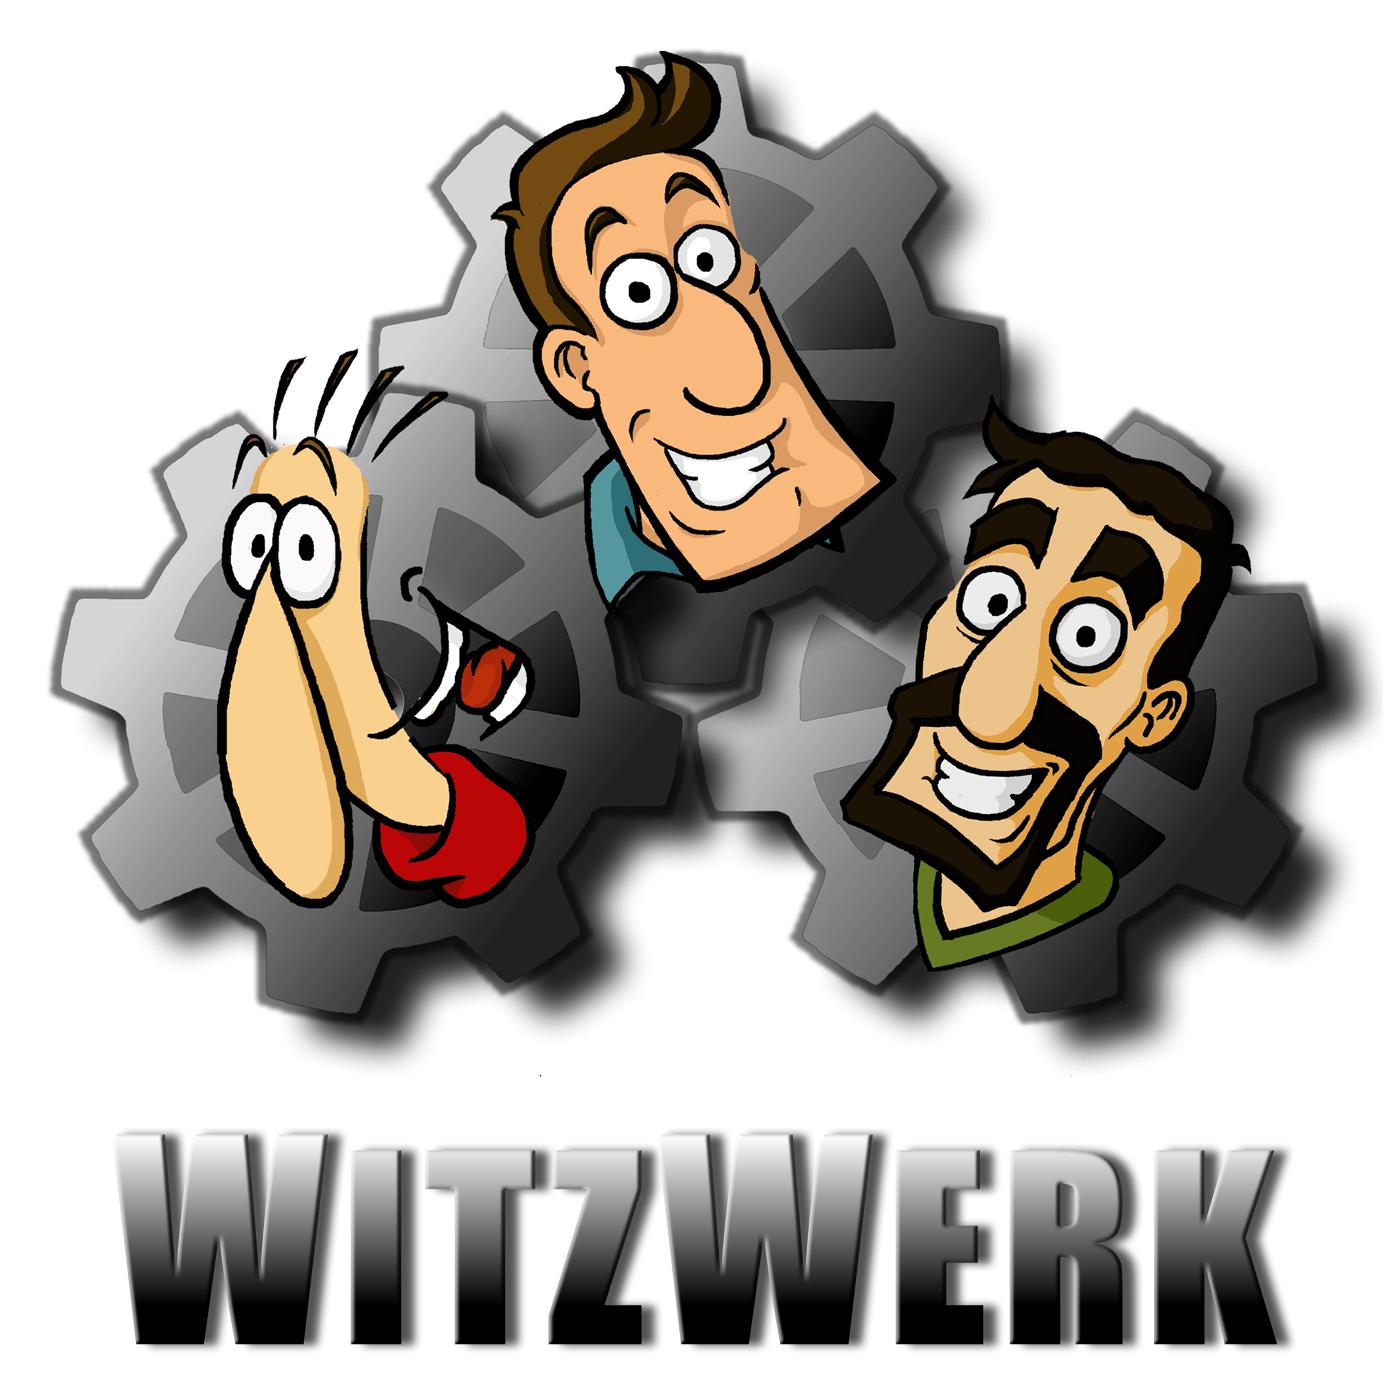 WitzWerk